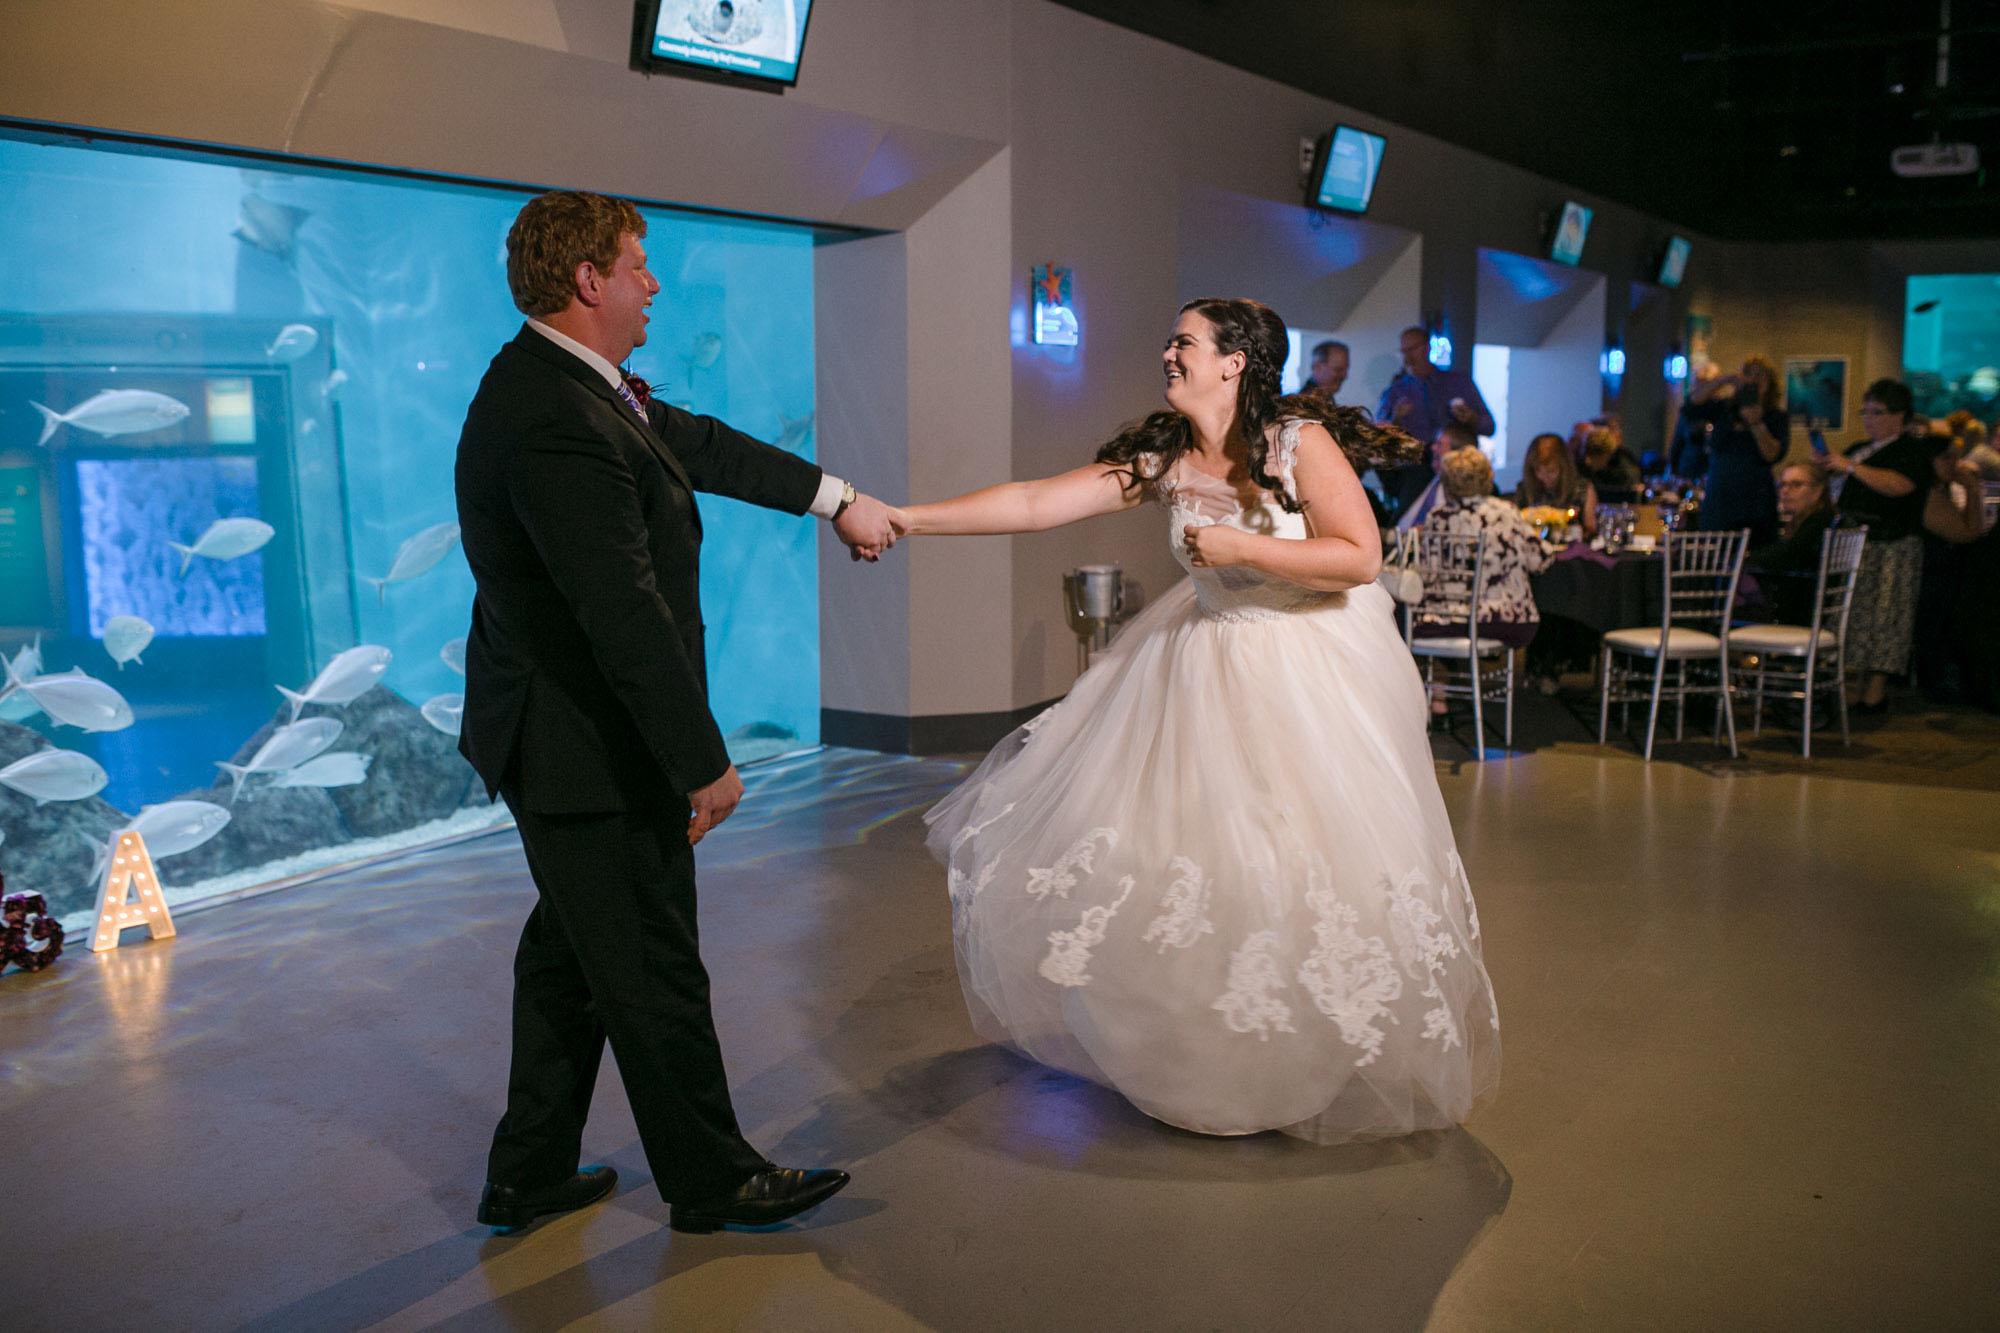 toledo-zoo-wedding-pictures-132.jpg